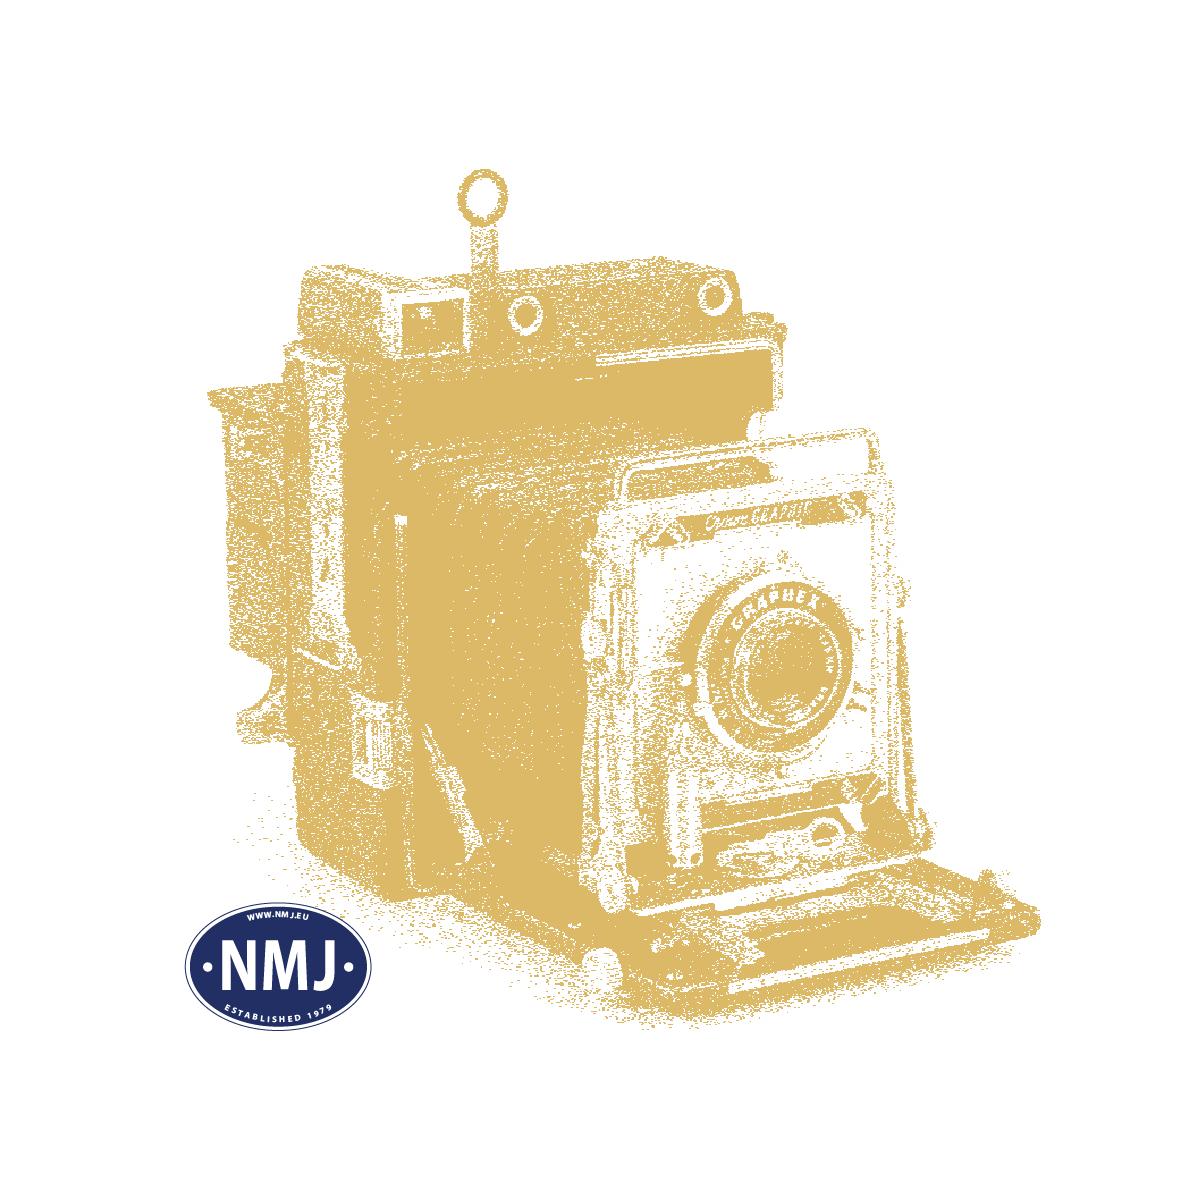 NMJT95102 - NMJ Topline MY 1112 Diesellok der DSB, AC Digital